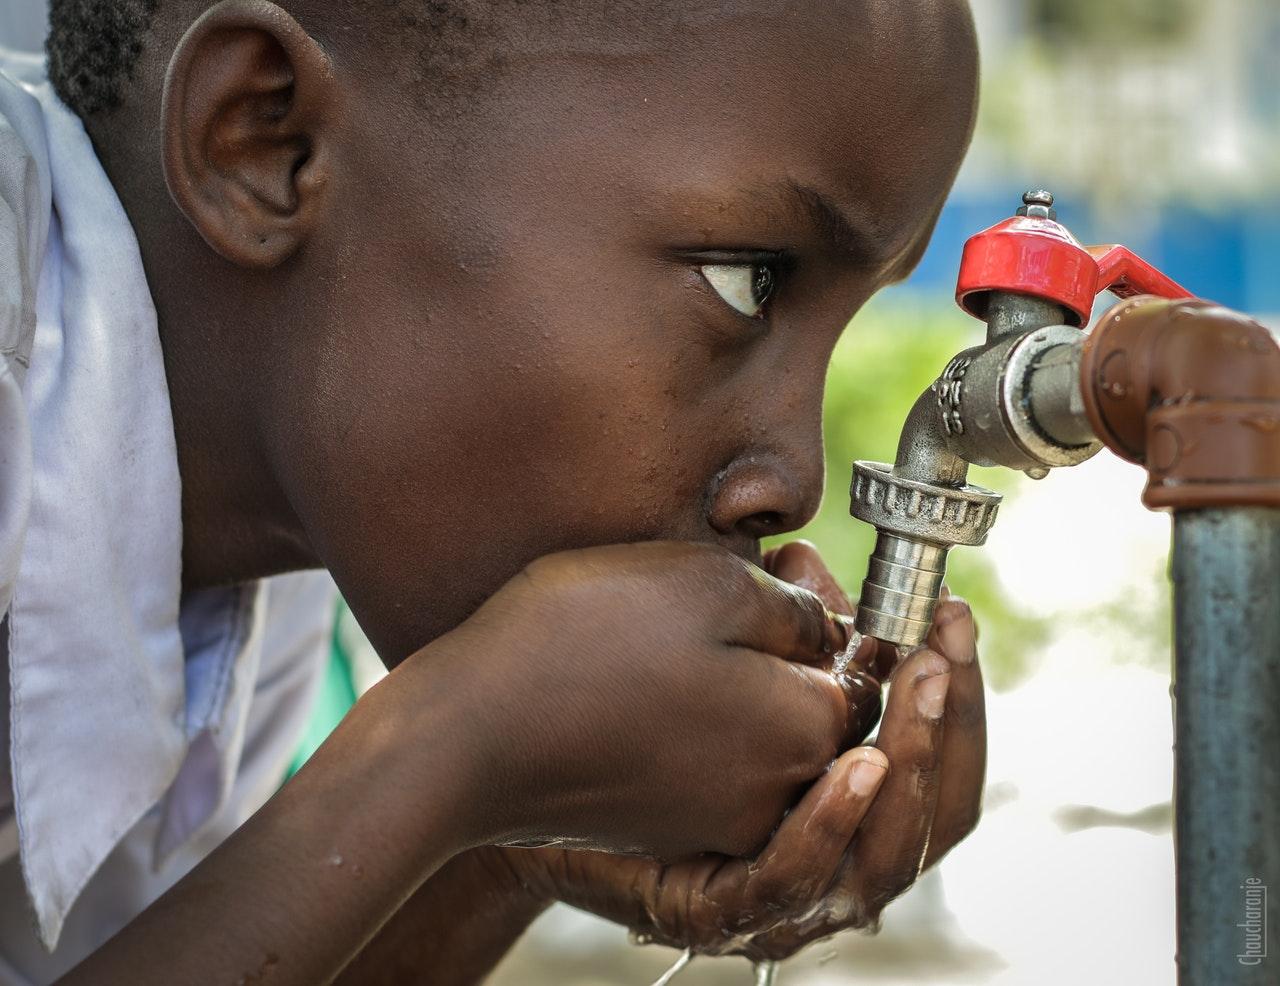 ONG lanza campaña para llevar agua potable a campesinos de Nicaragua